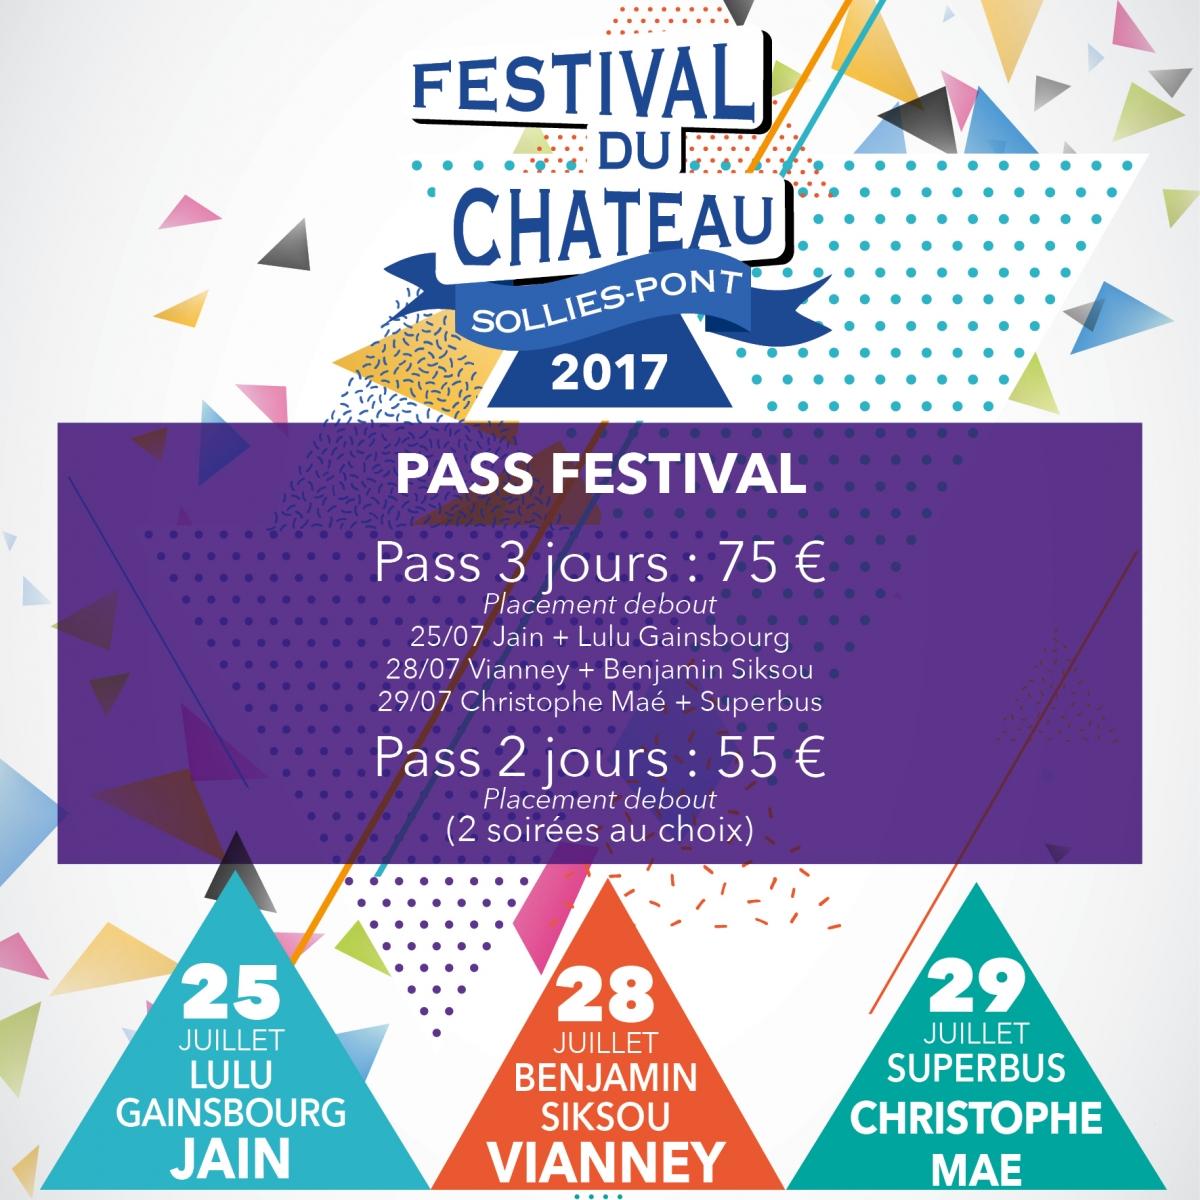 pass_festival du chateau sollies pont